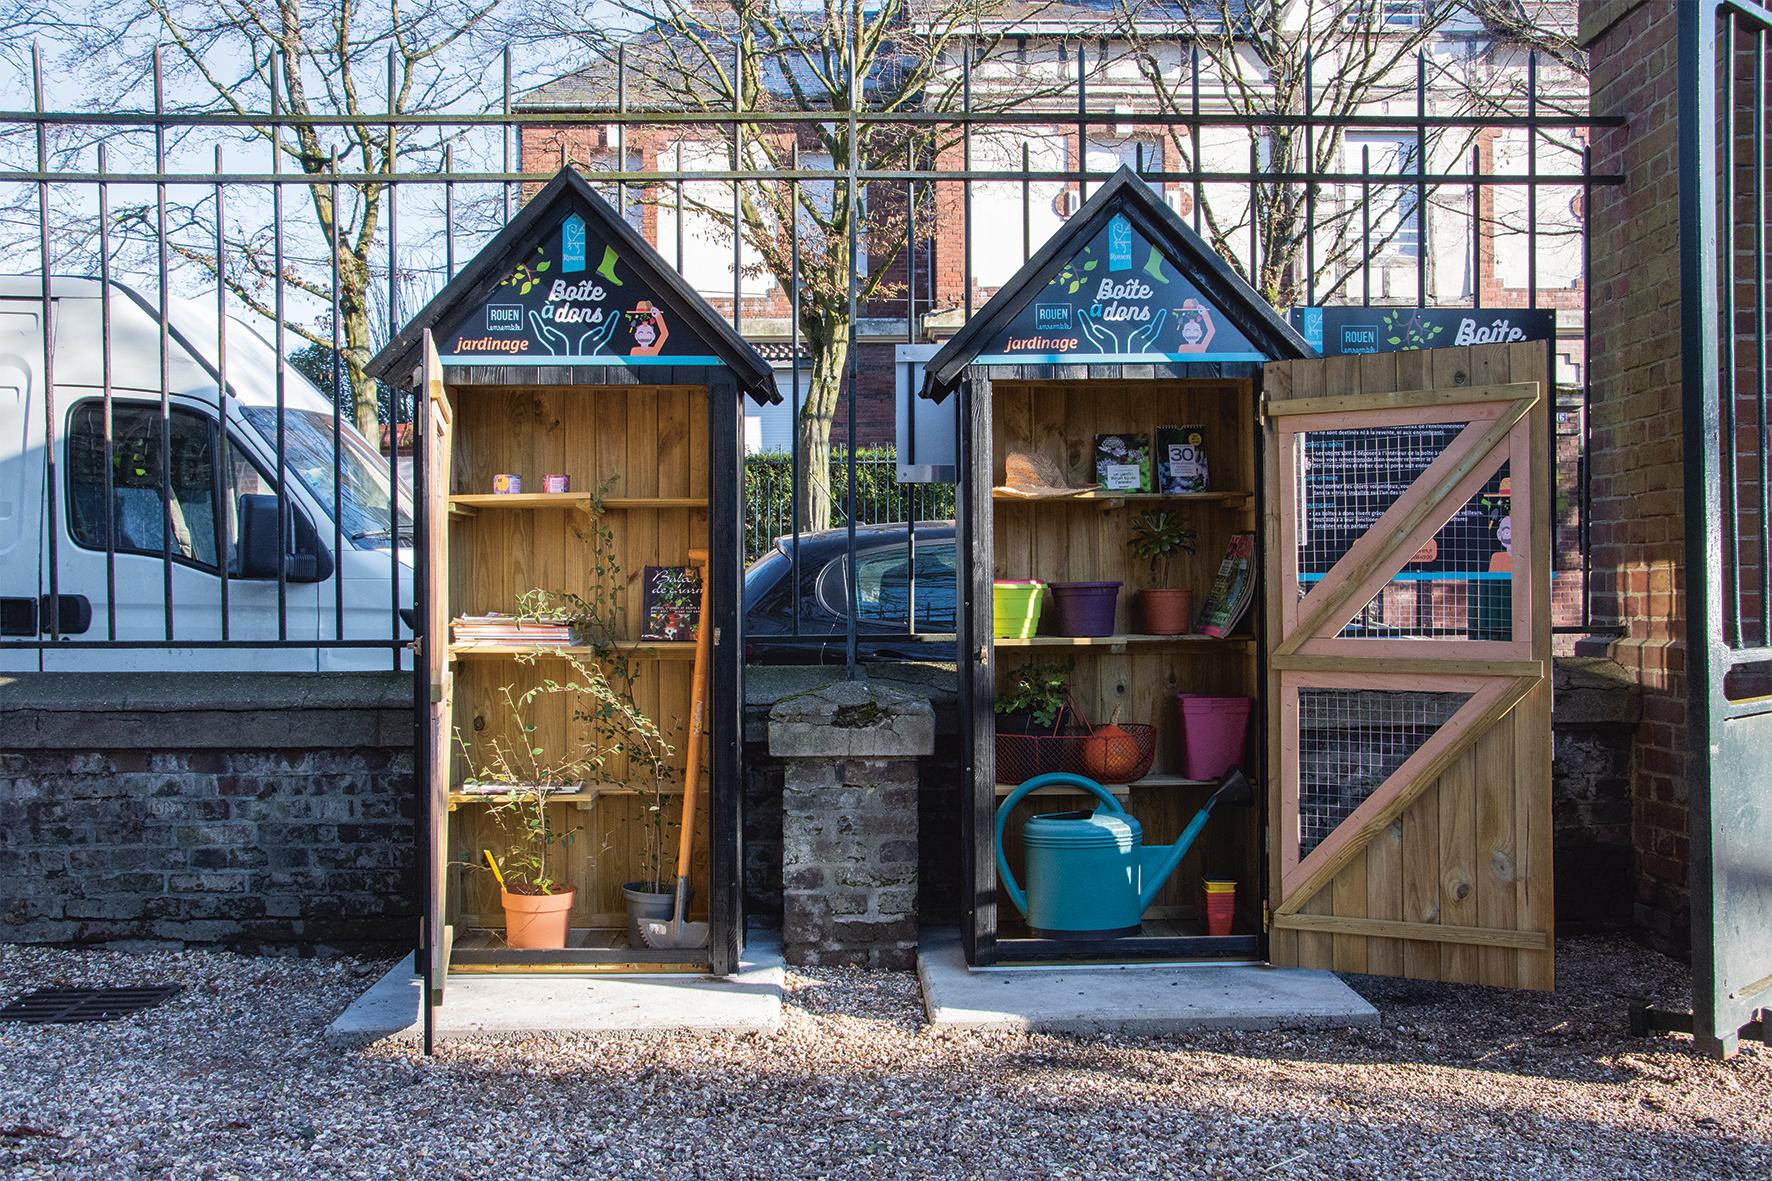 Les 4 Pieds Rouen le jardinage à portée de dons | rouen.fr